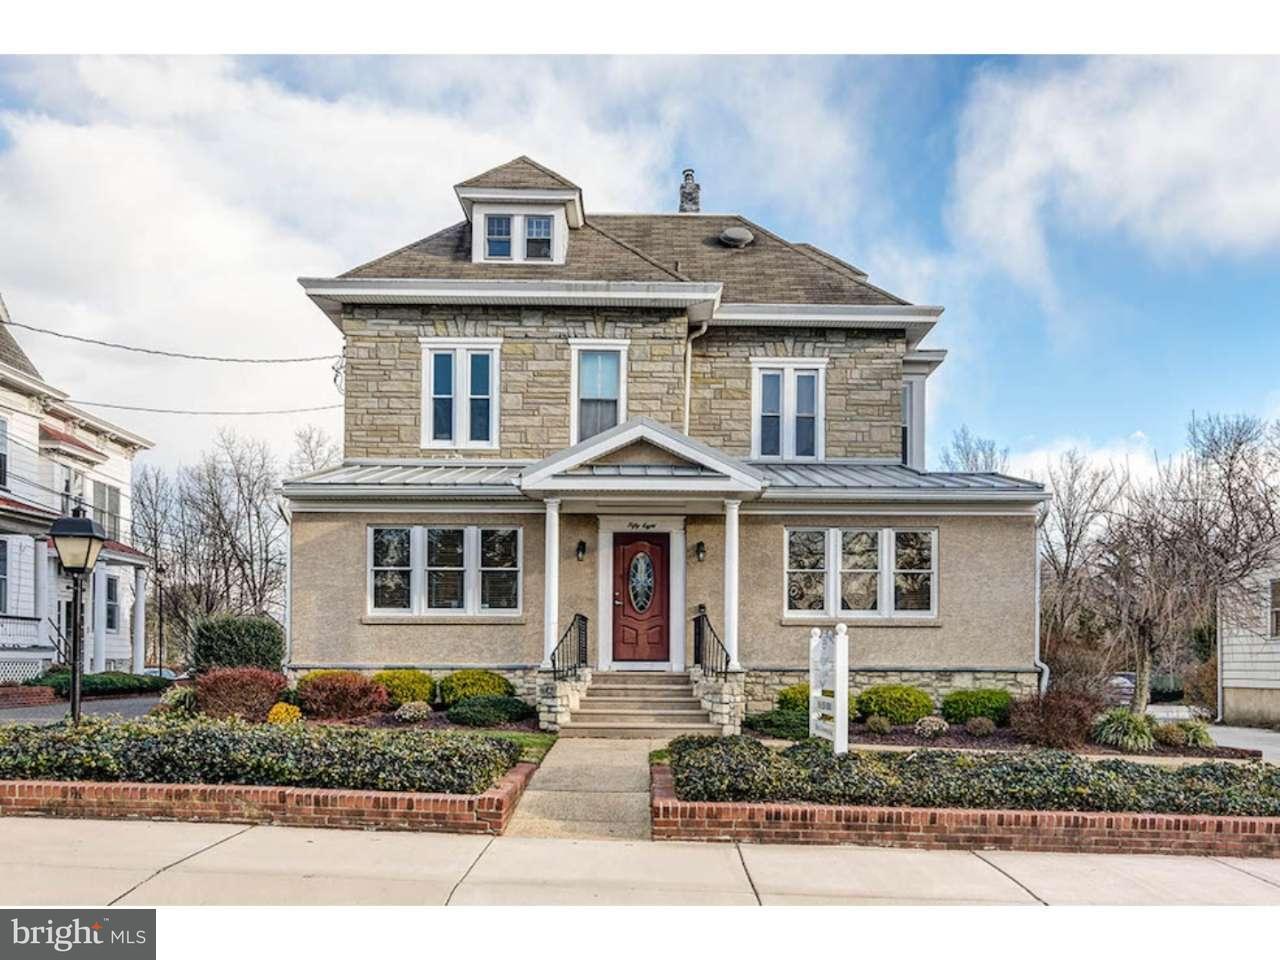 Μονοκατοικία για την Πώληση στο 58 EUCLID Street Woodbury, Νιου Τζερσεϋ 08096 Ηνωμενεσ Πολιτειεσ